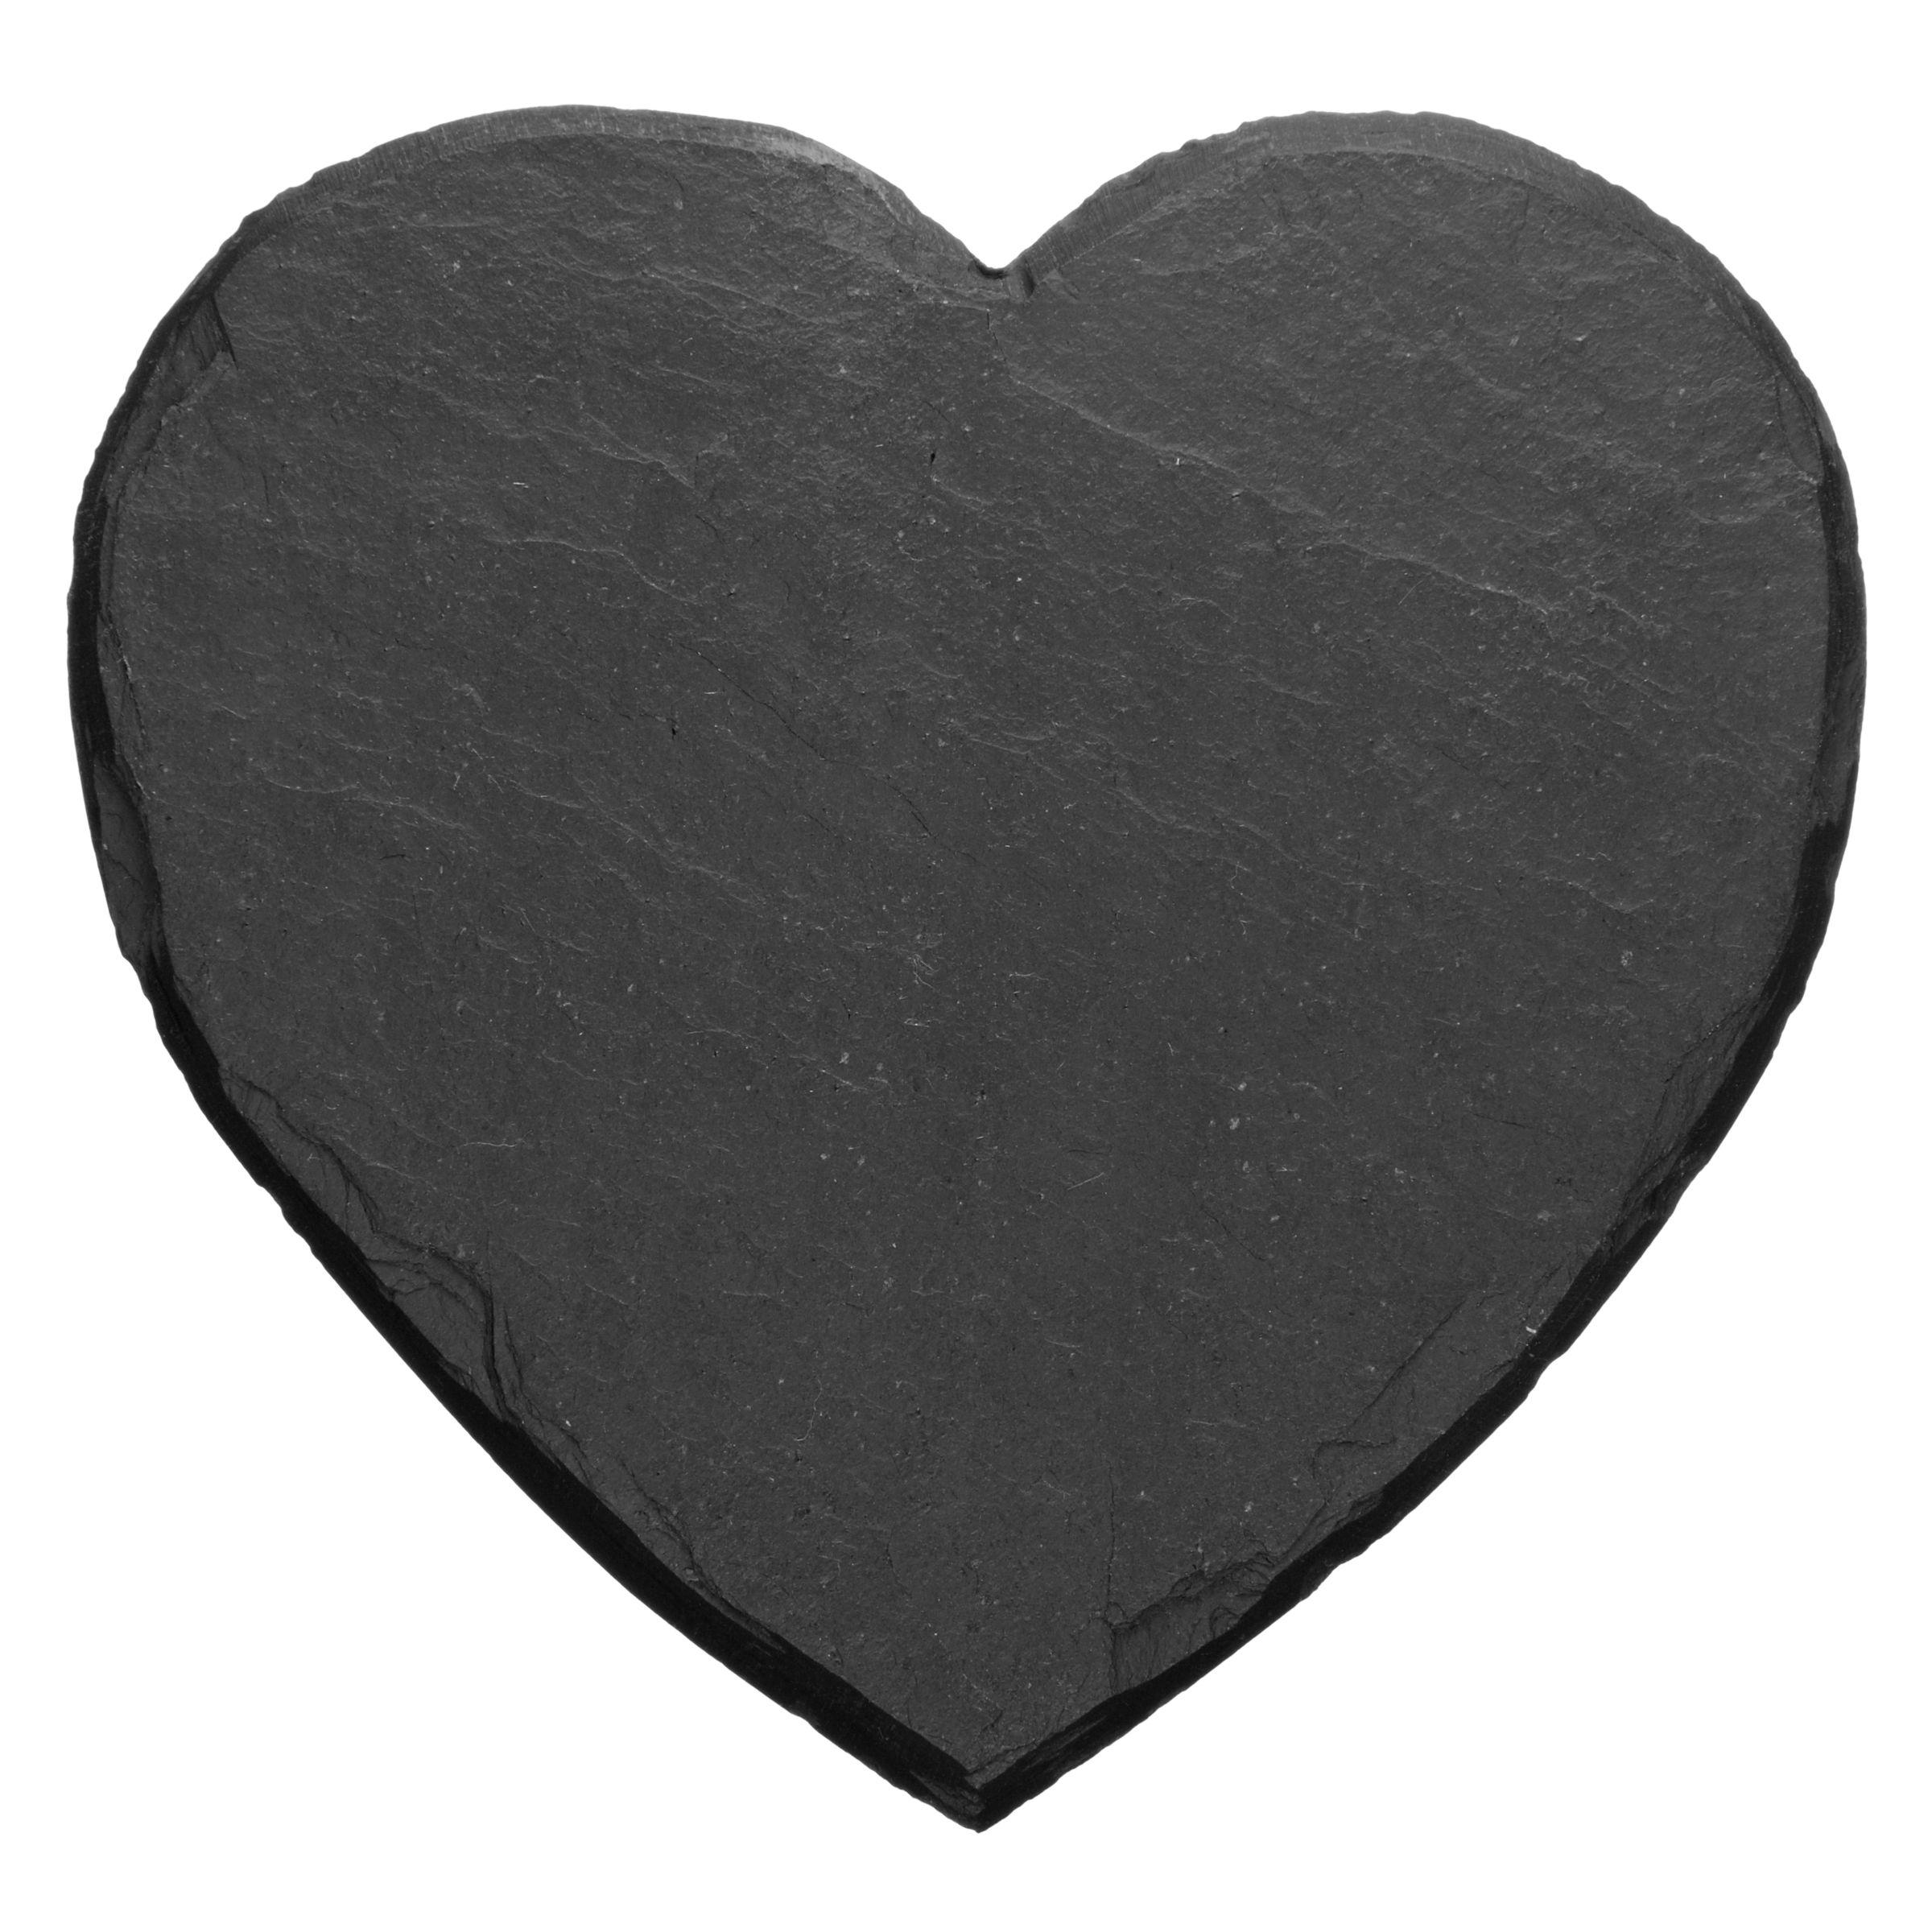 Just Slate Just Slate Heart Shaped Coasters, Set of 4